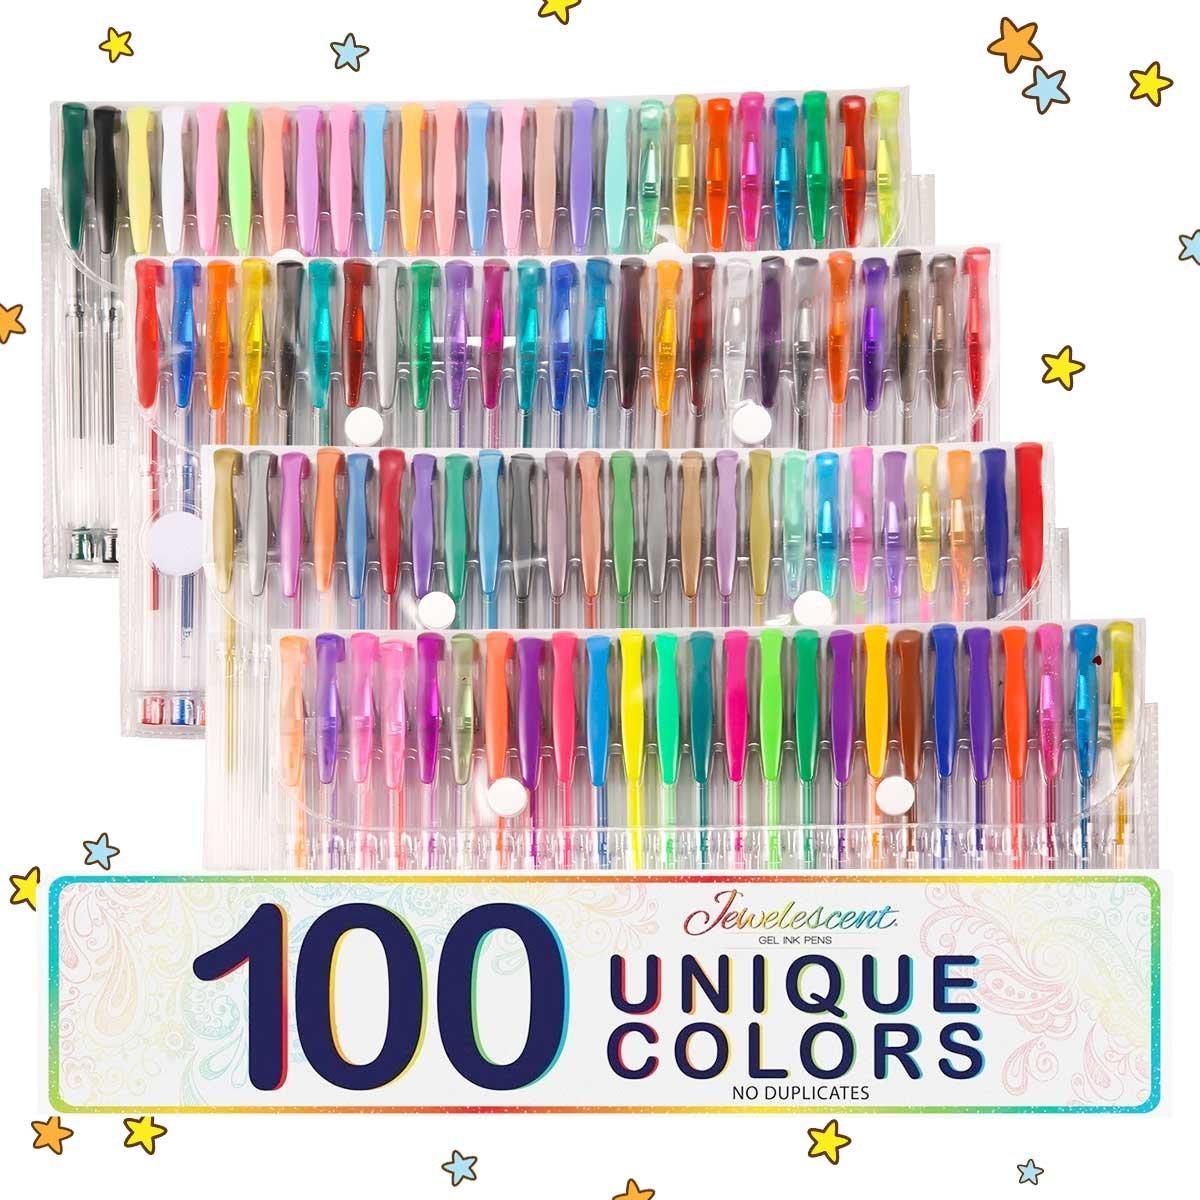 100 Farben Glitter Gelschreiber von ARTISTORE einzigartige Farben (keine Duplikate) Gelschreiber Gel Pen Sets, perfekte Geschenkidee für Erwachsene zum Malbuch Doodling Zeichnung Schreiben